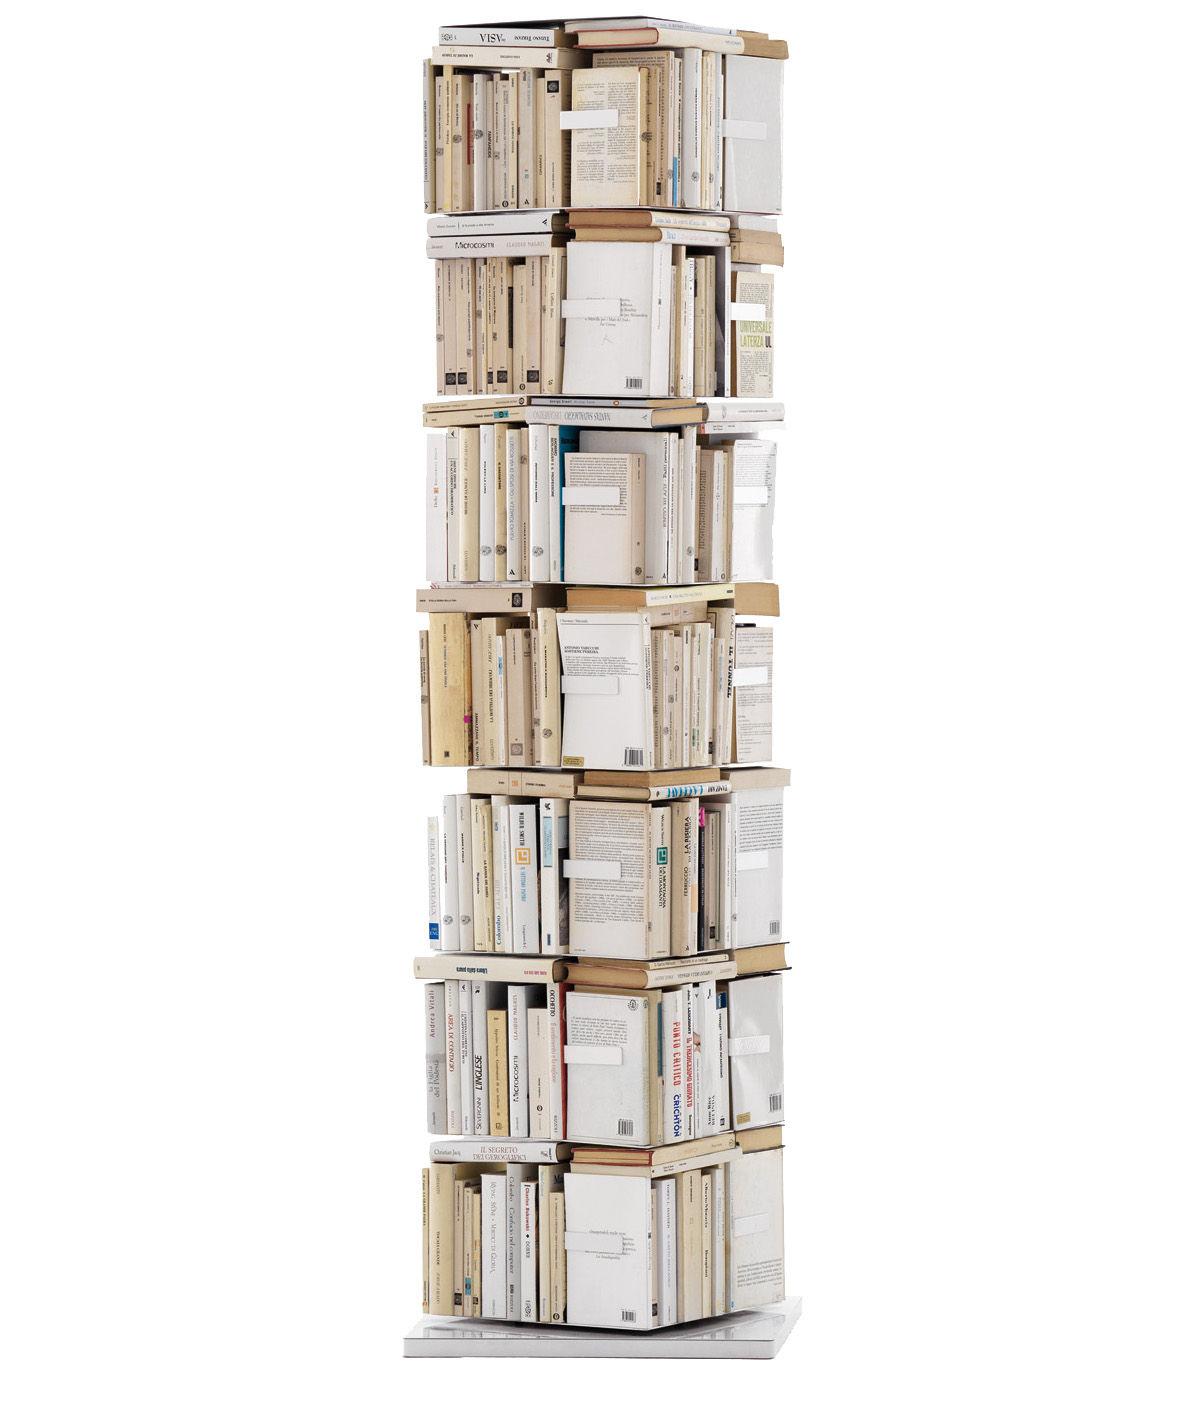 Mobilier - Etagères & bibliothèques - Bibliothèque rotative Ptolomeo H 197 cm / 4 faces -Livres vertical - Opinion Ciatti - Blanc - Acier laqué